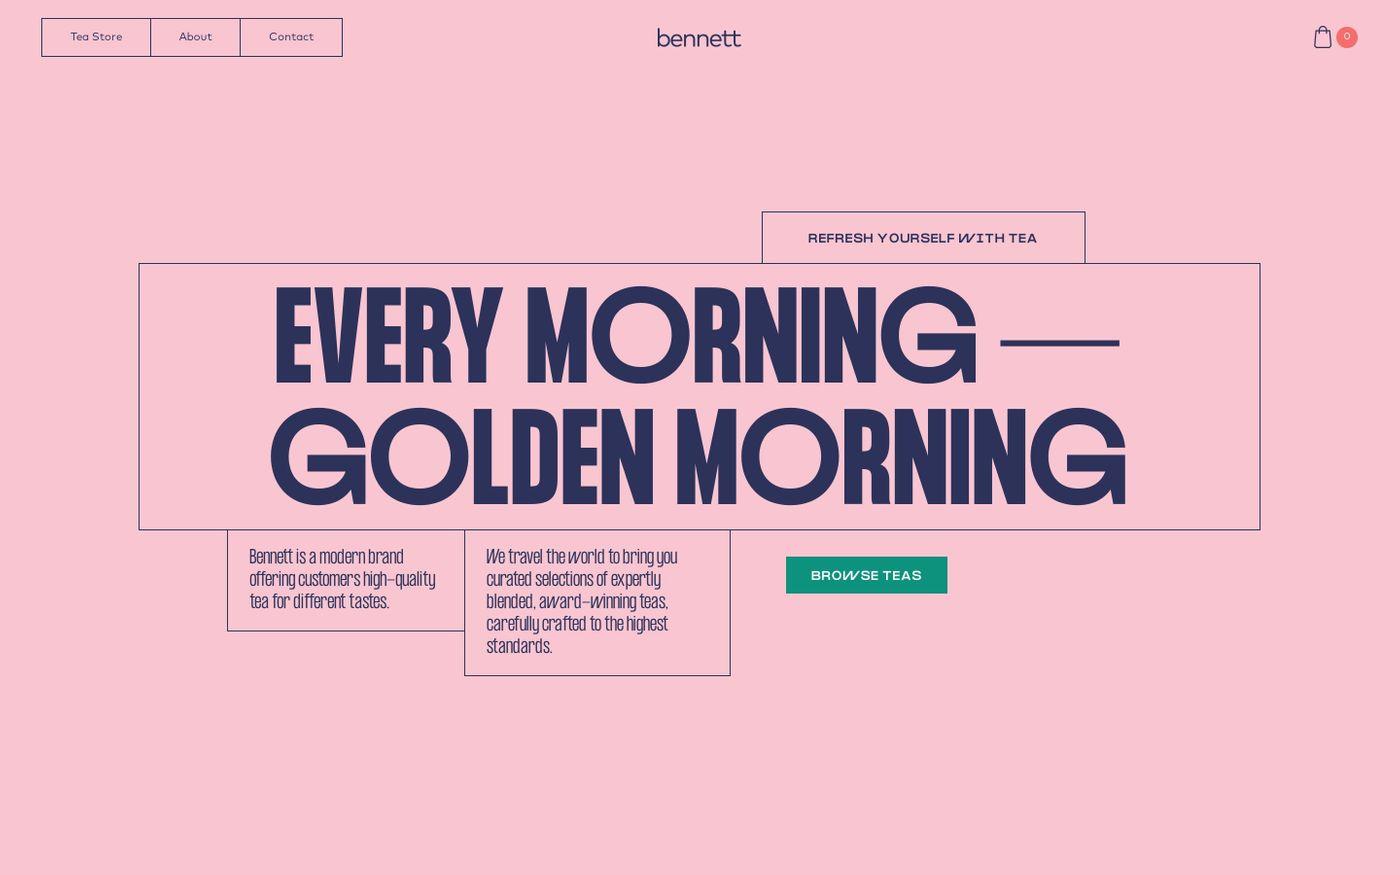 Screenshot of Bennett Tea website